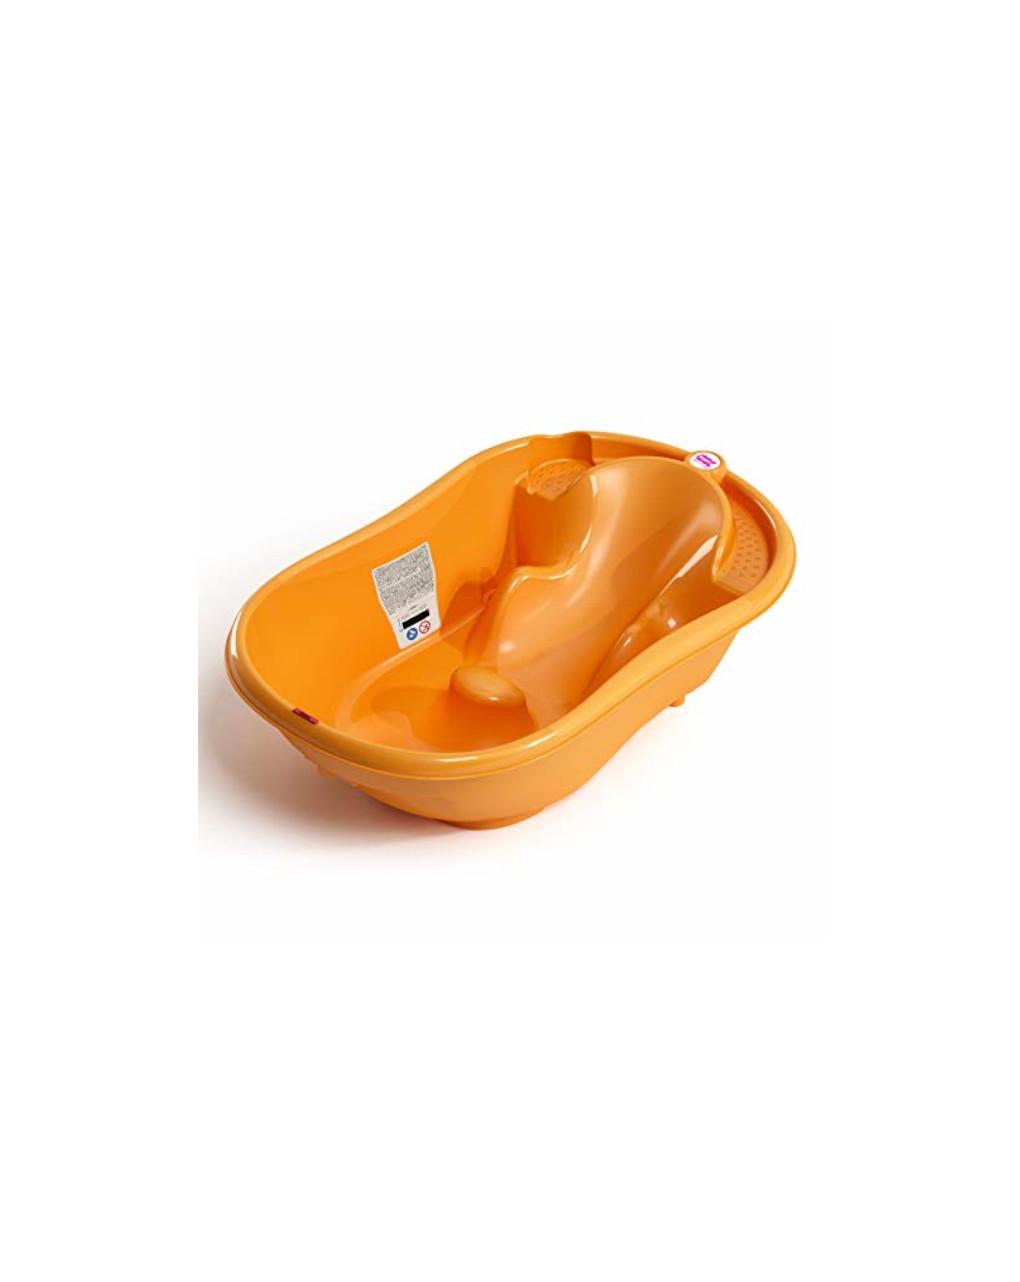 Onda arancio - Okbaby